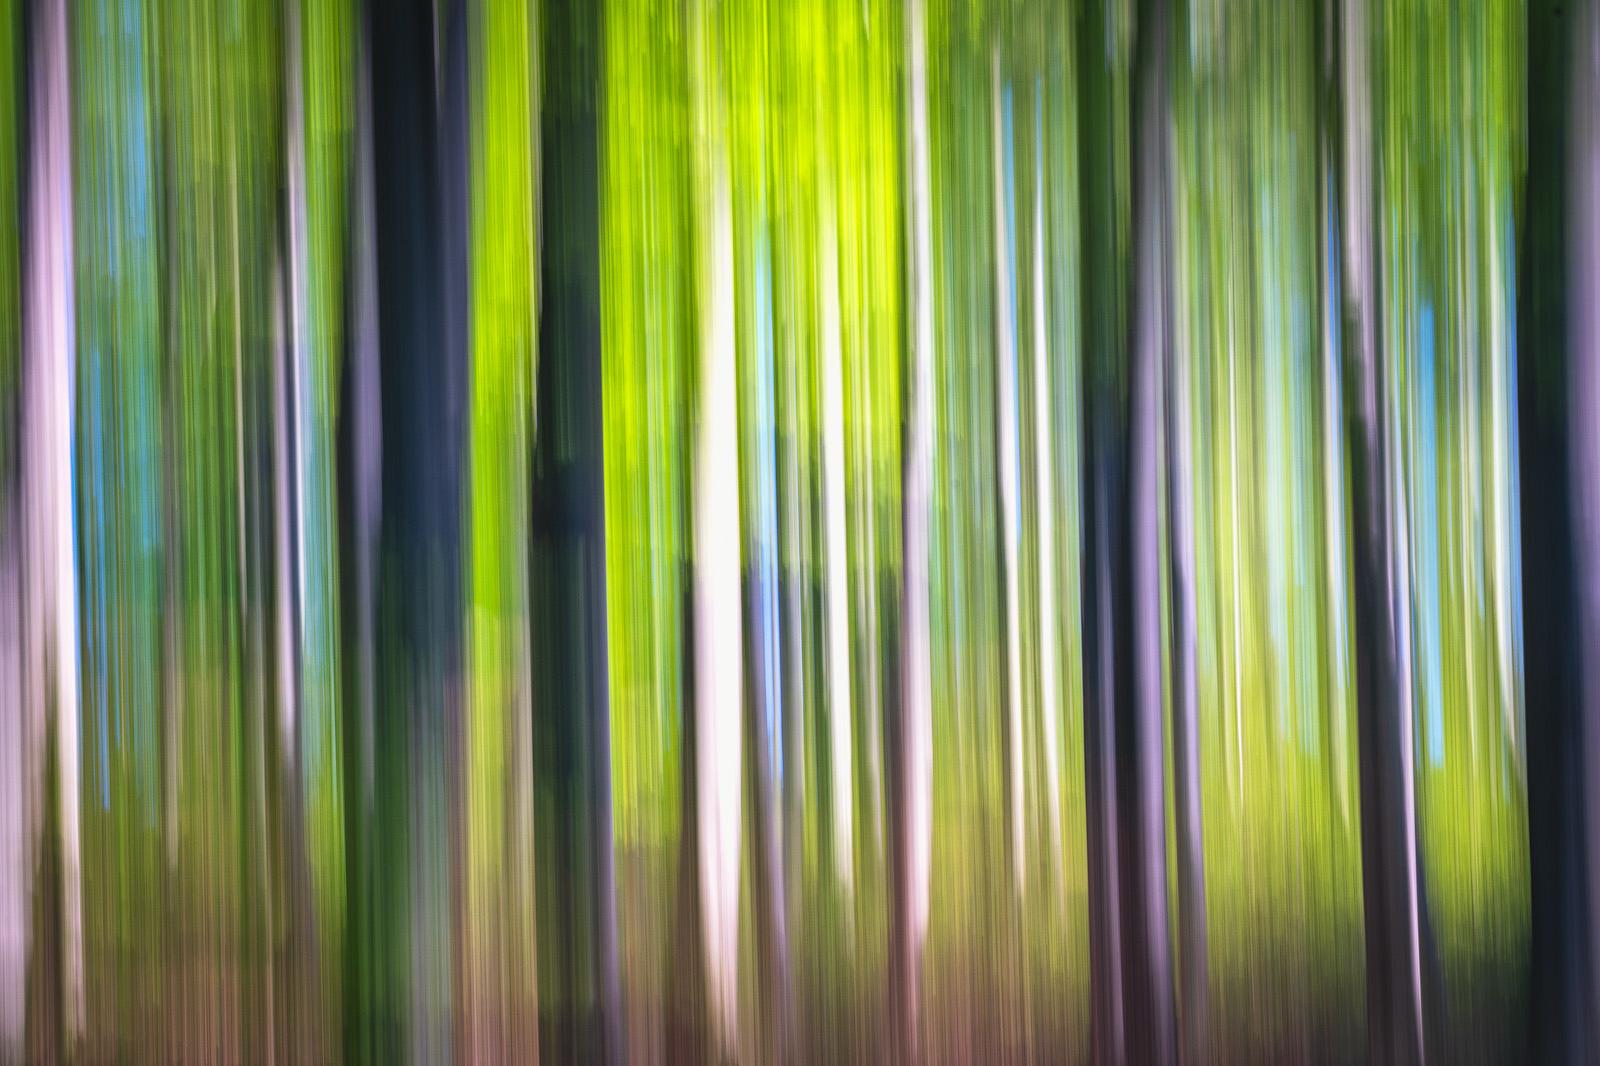 Nature - Photo 14